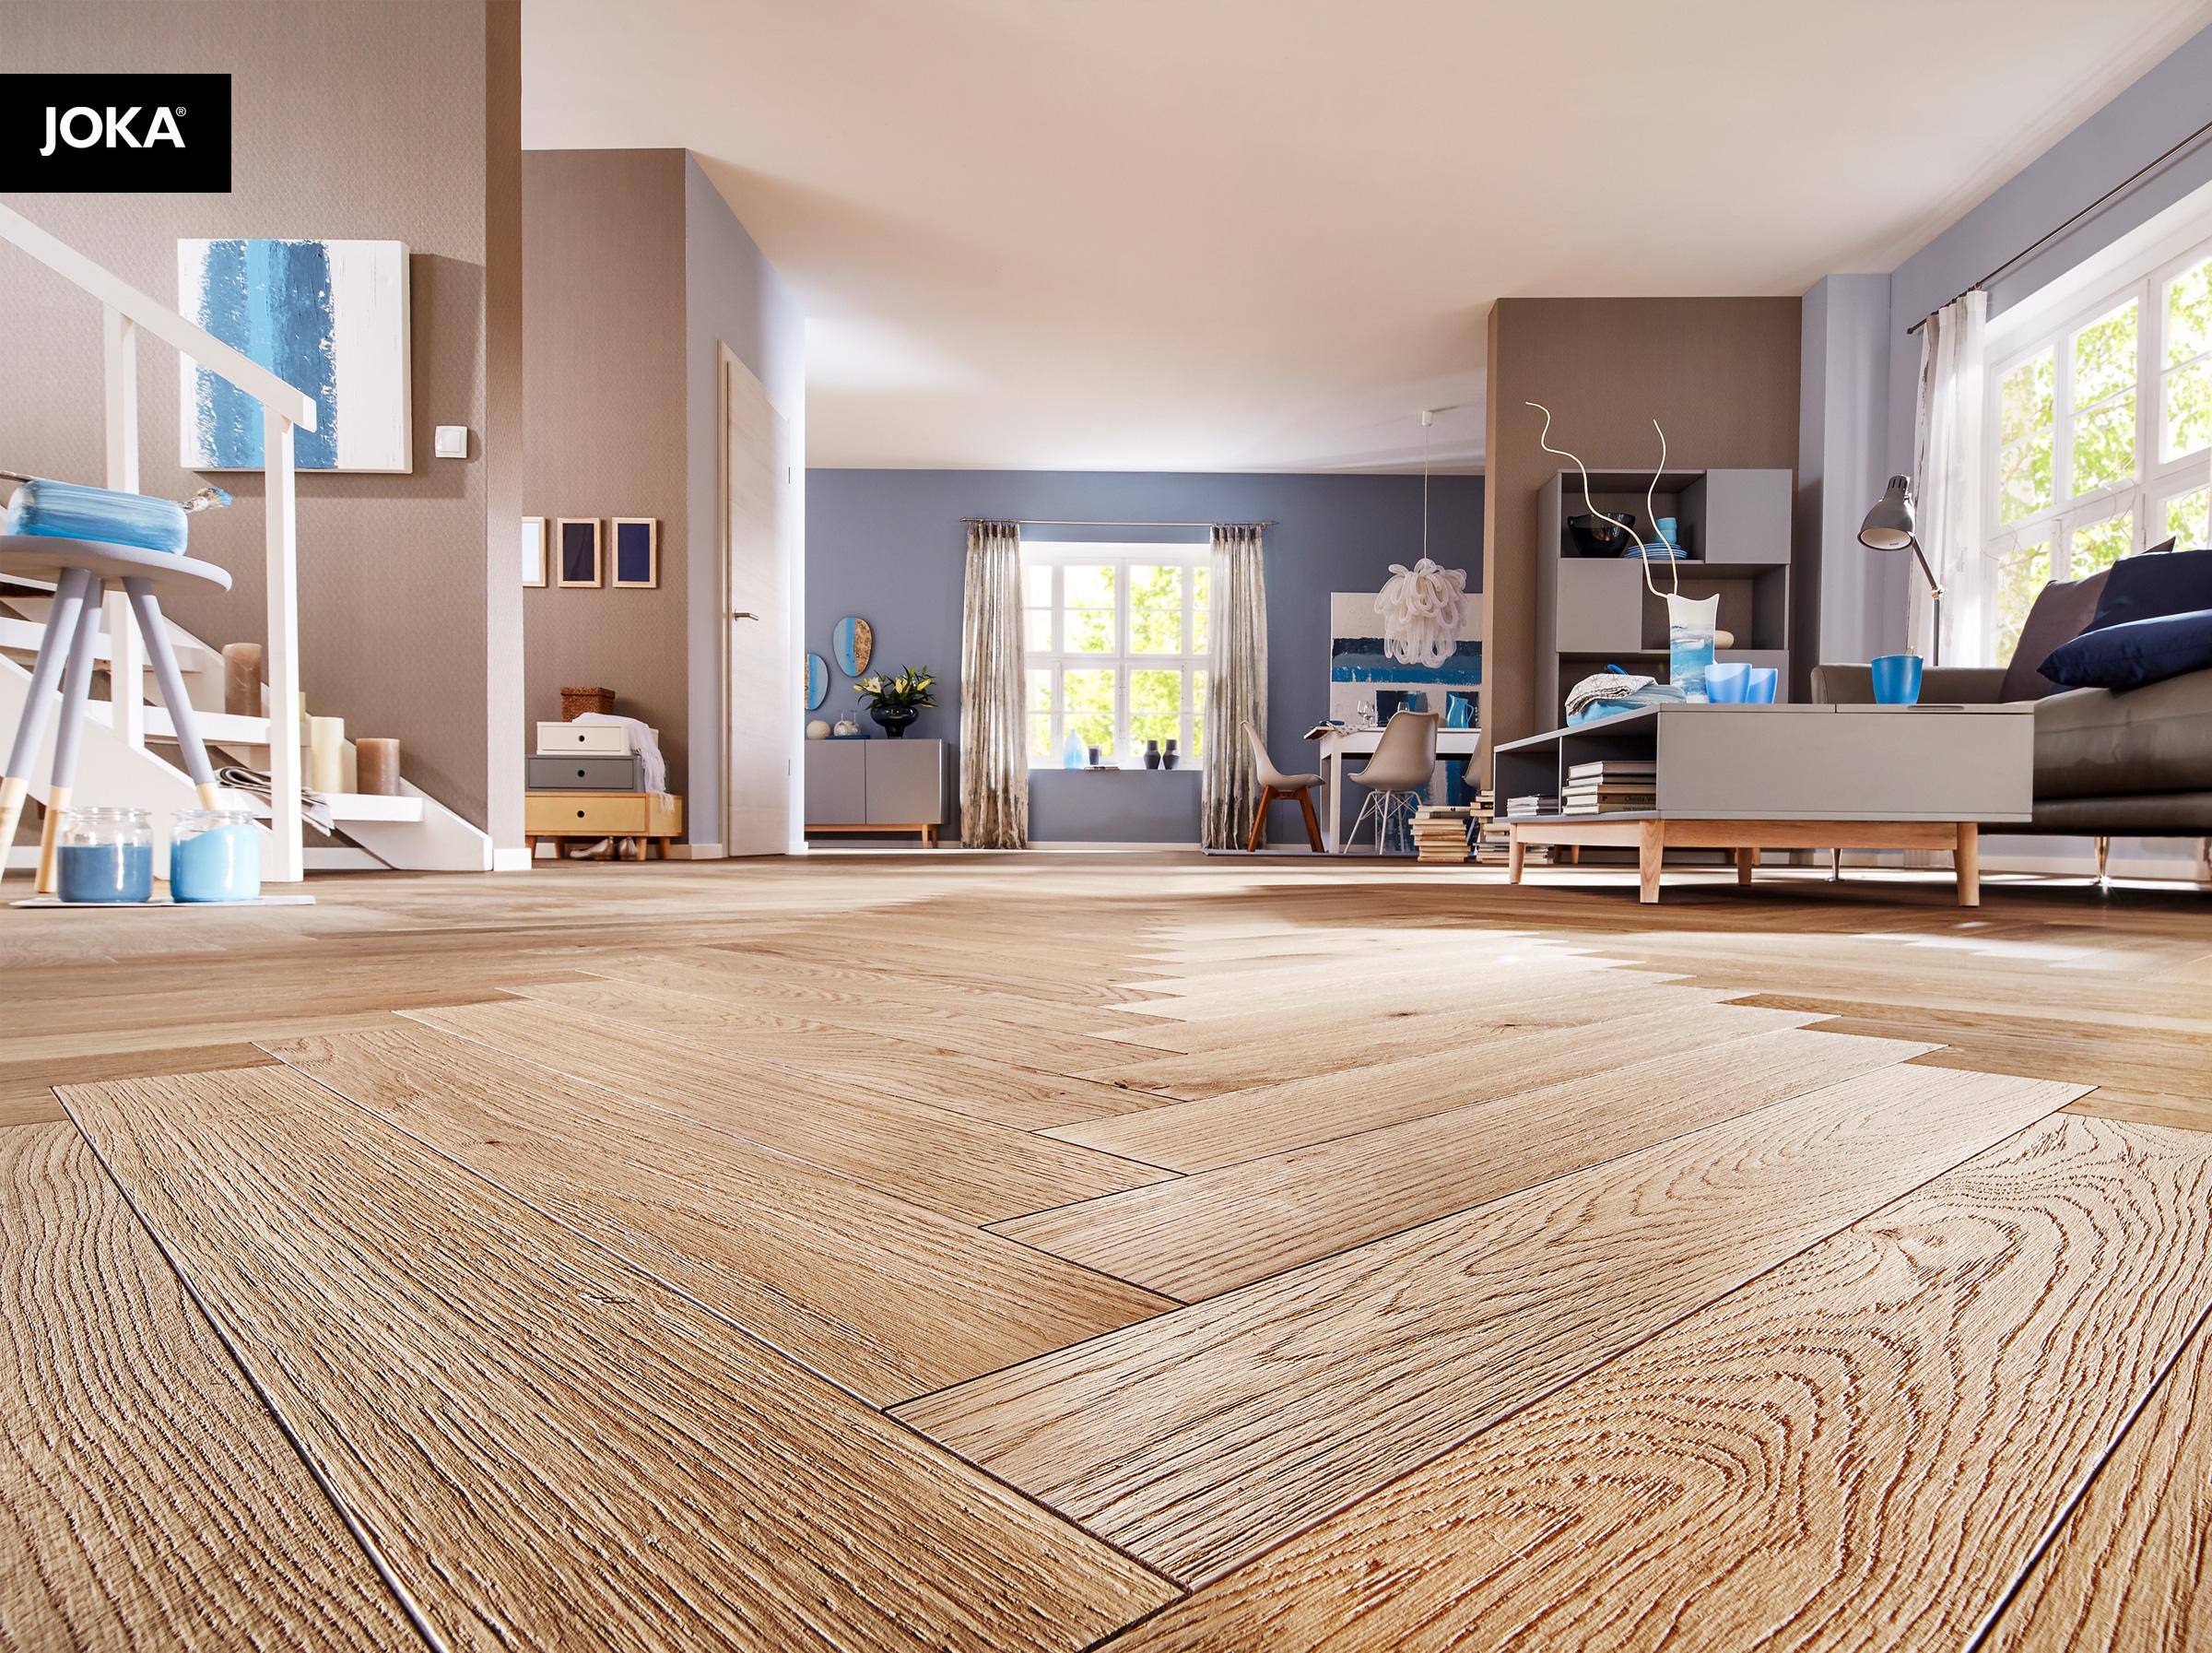 bodenbel ge rothaupt raumausstatter. Black Bedroom Furniture Sets. Home Design Ideas